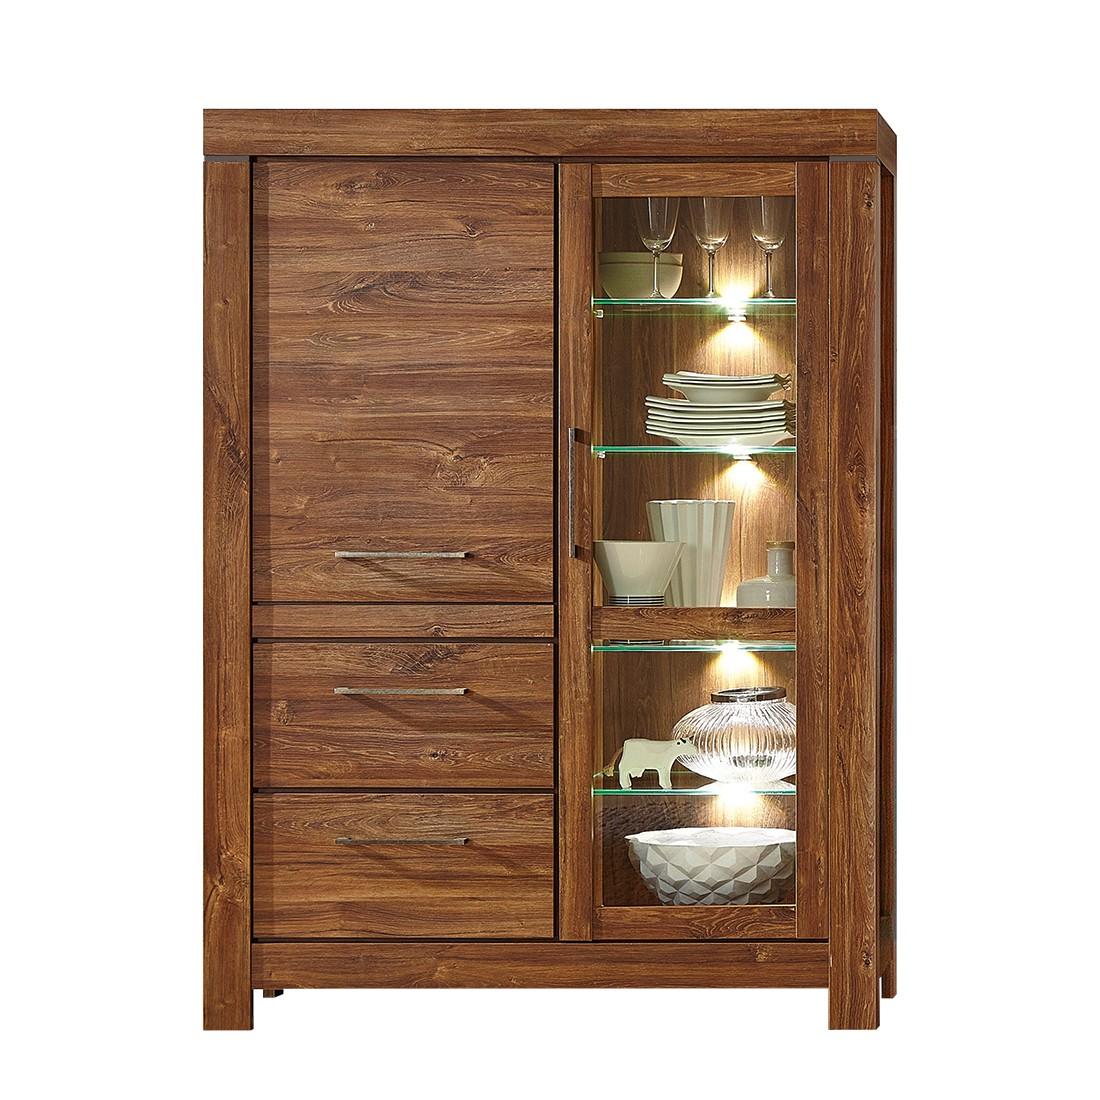 Home 24 - Eek a+, armoire vitrine blairmore (éclairage fourni) i - imitation acacia, fredriks